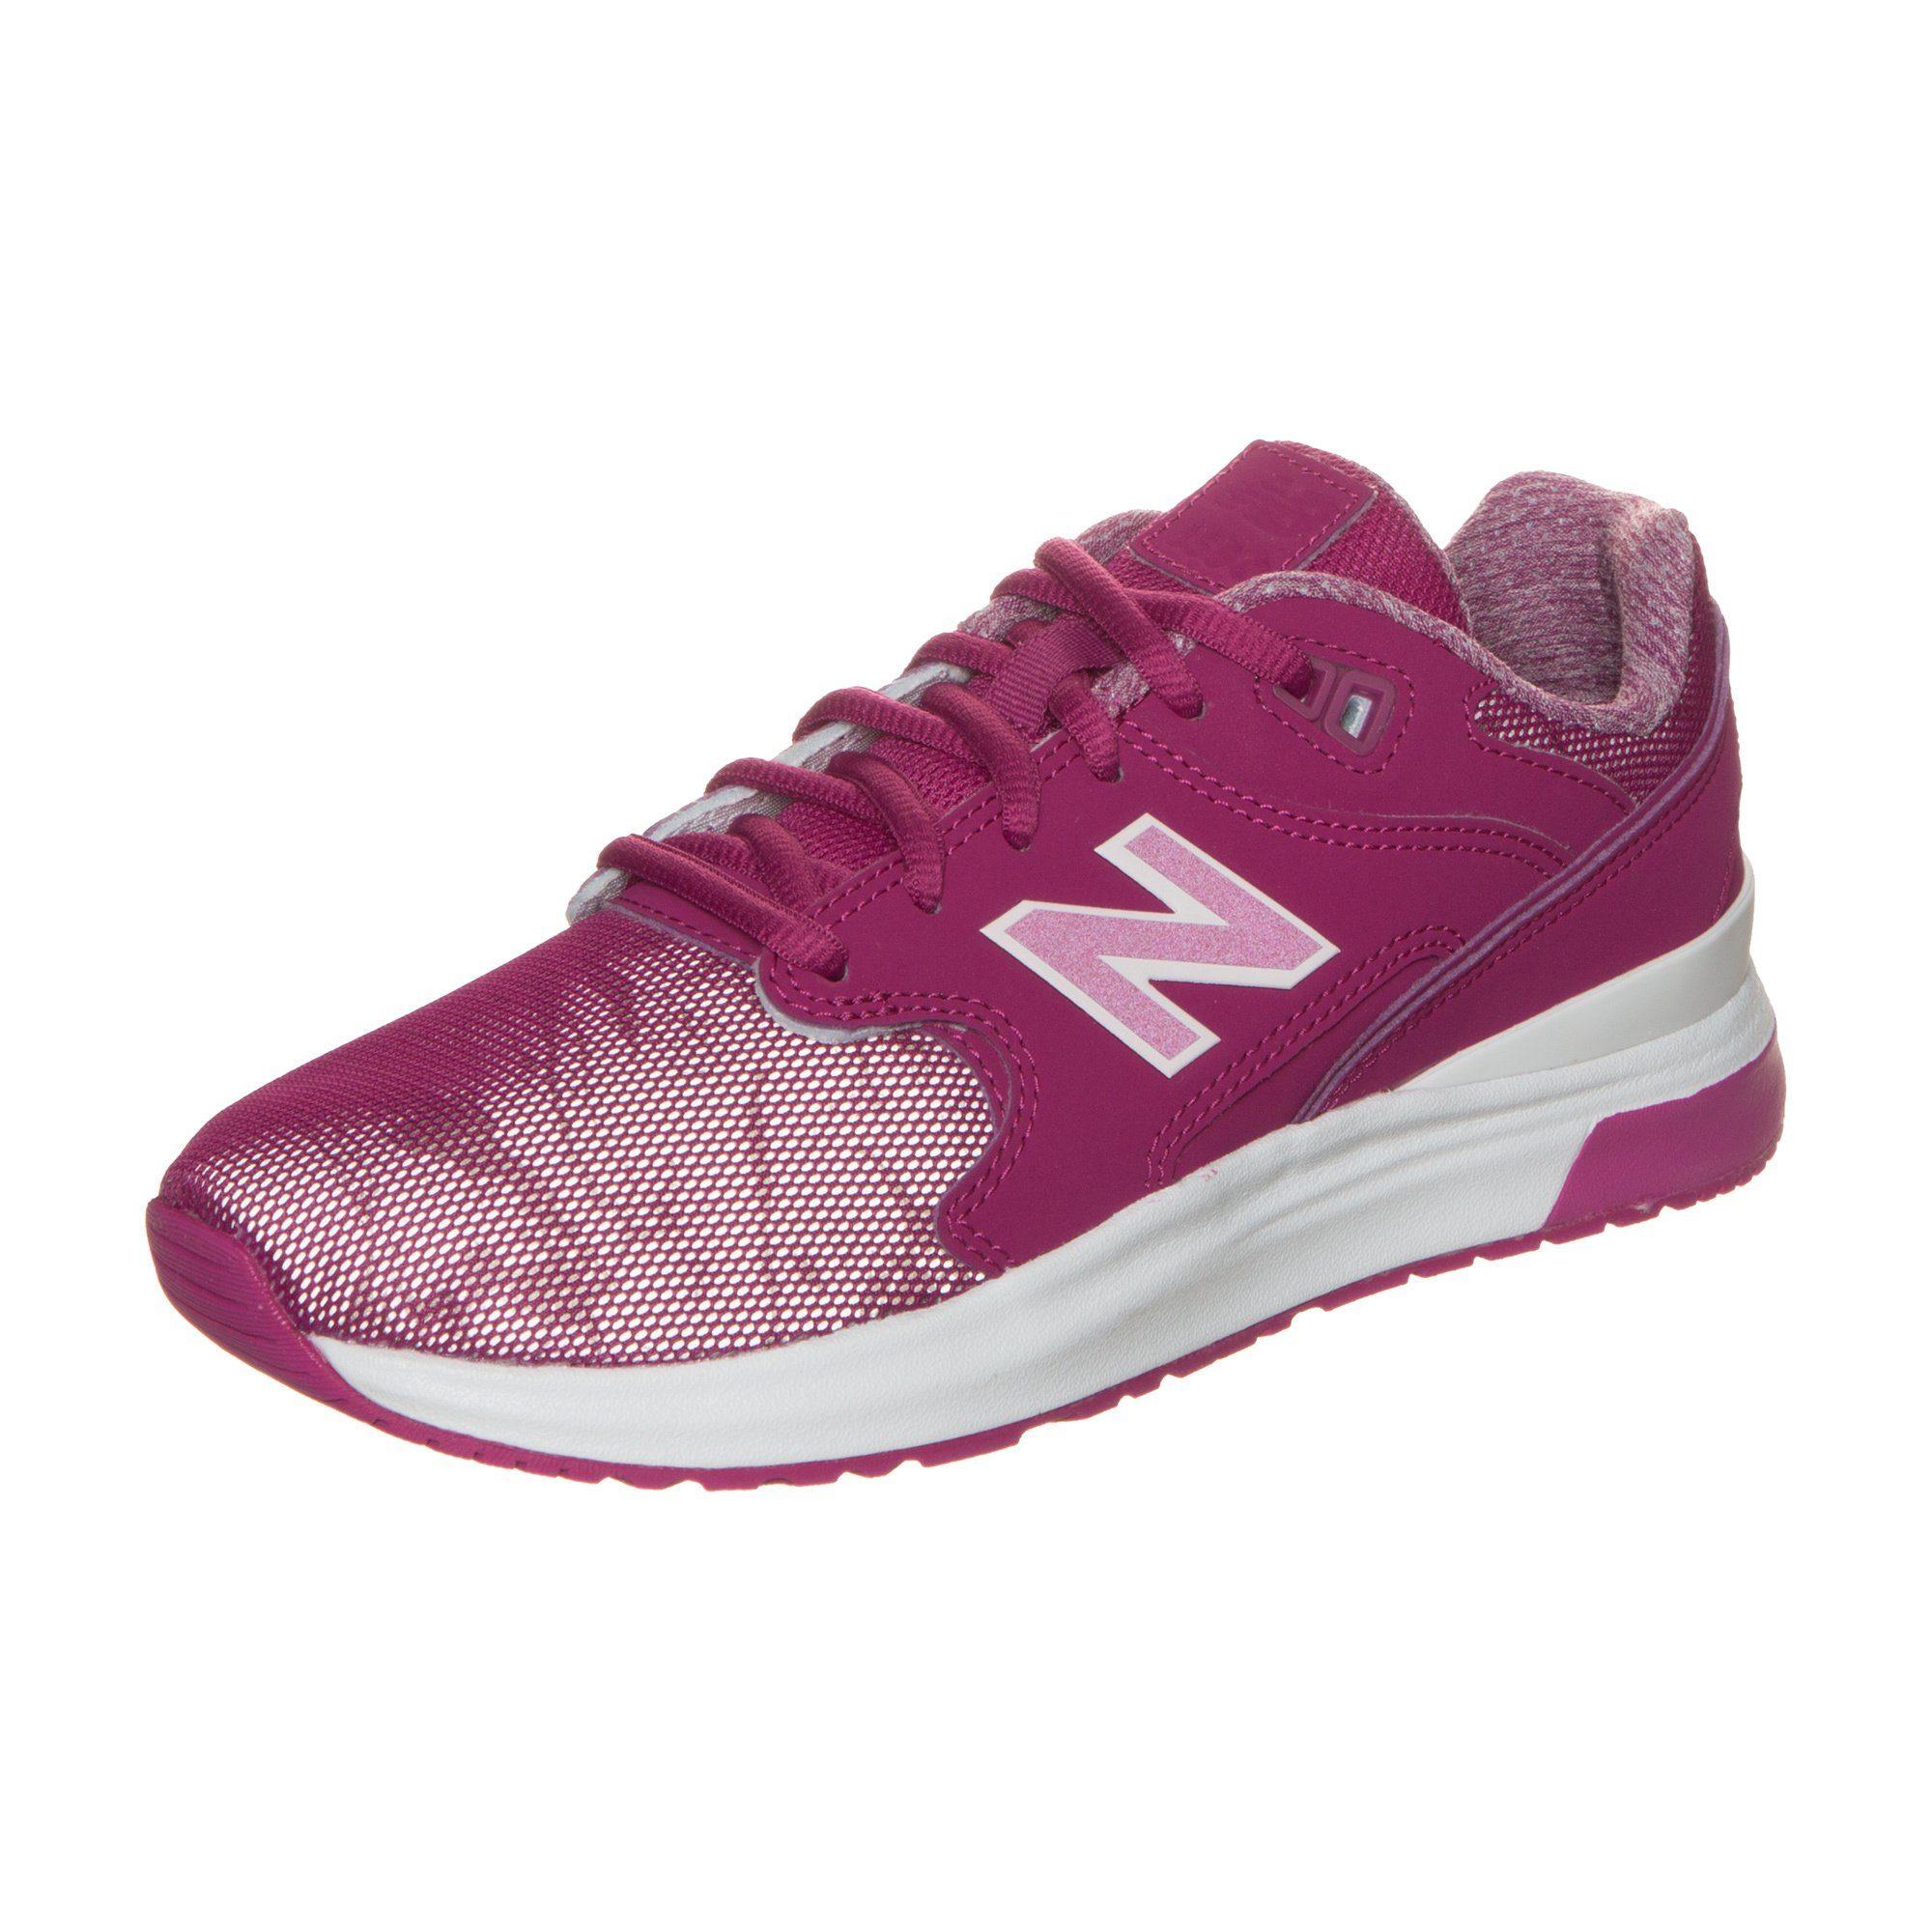 waar kan ik new balance schoenen kopen